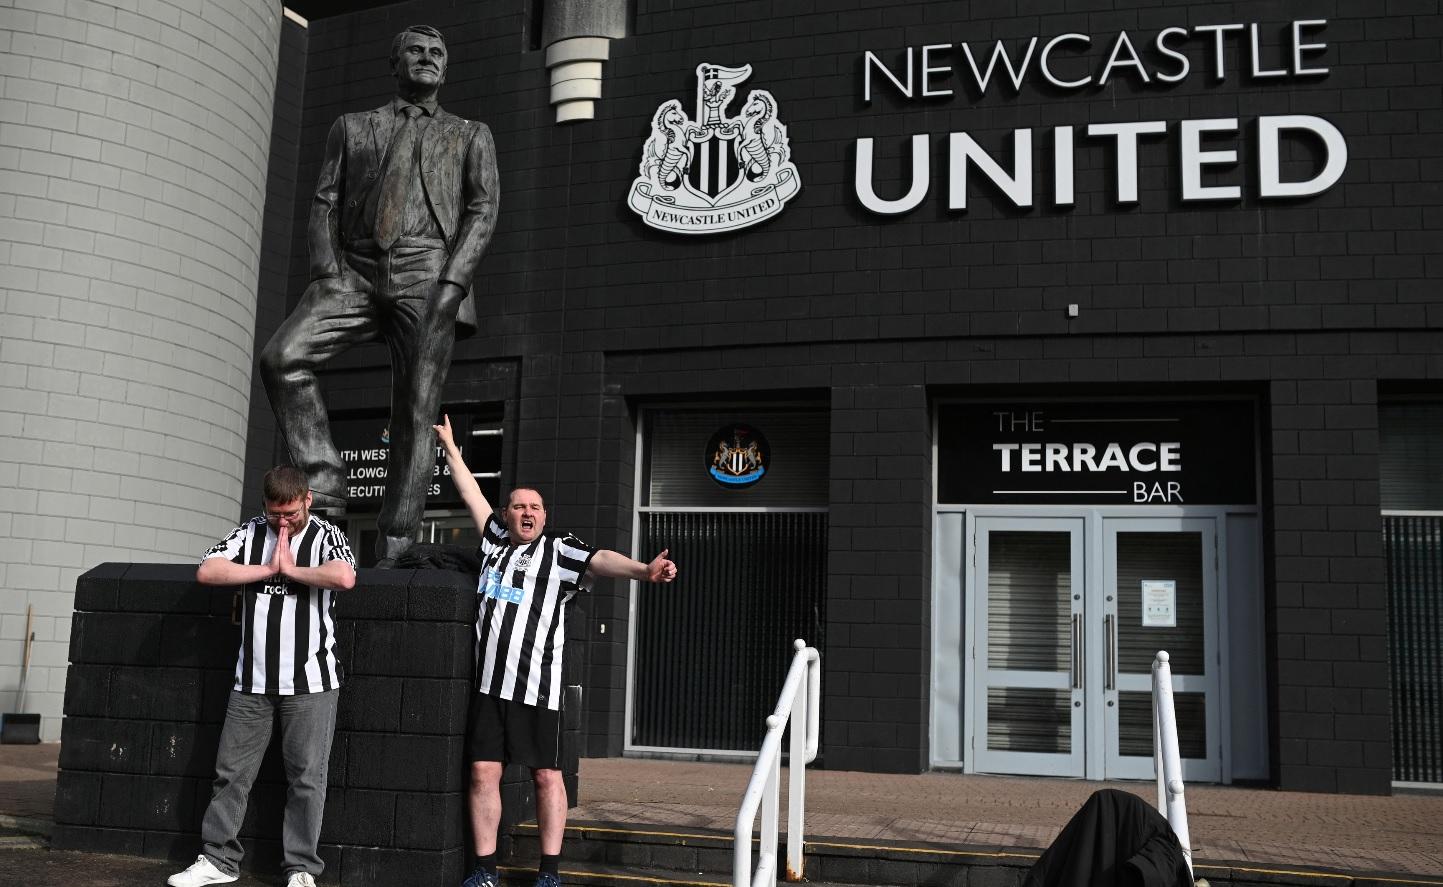 Primul star care va semna cu Newcastle, în era miliardarilor!